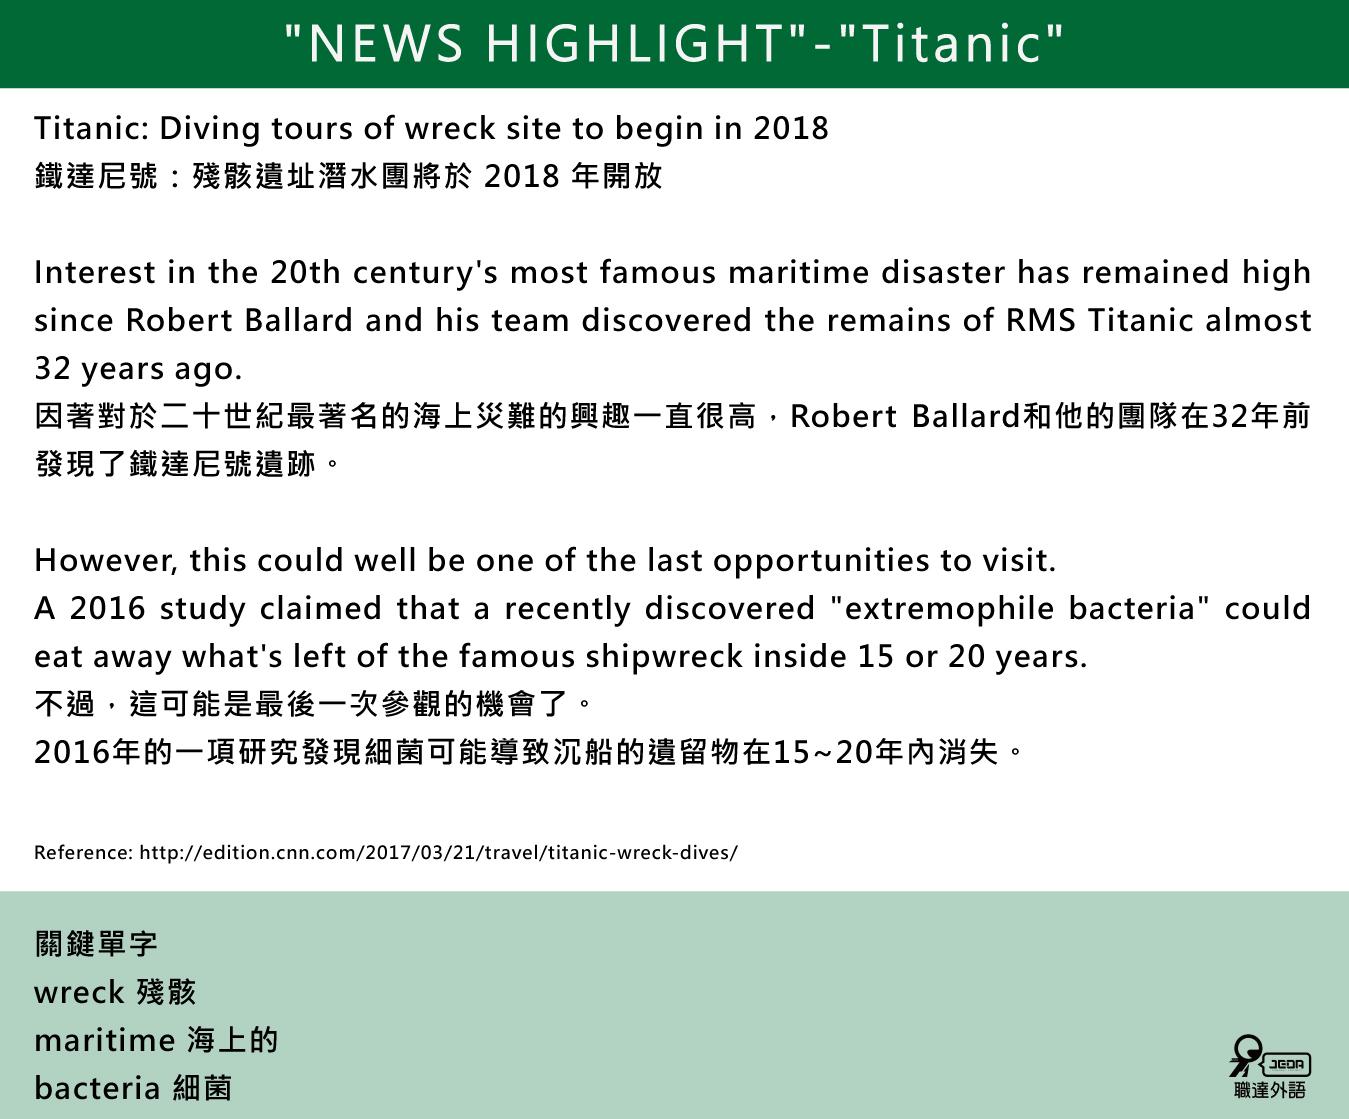 可能是最後一次參觀鐵達尼號的殘骸遺址了!